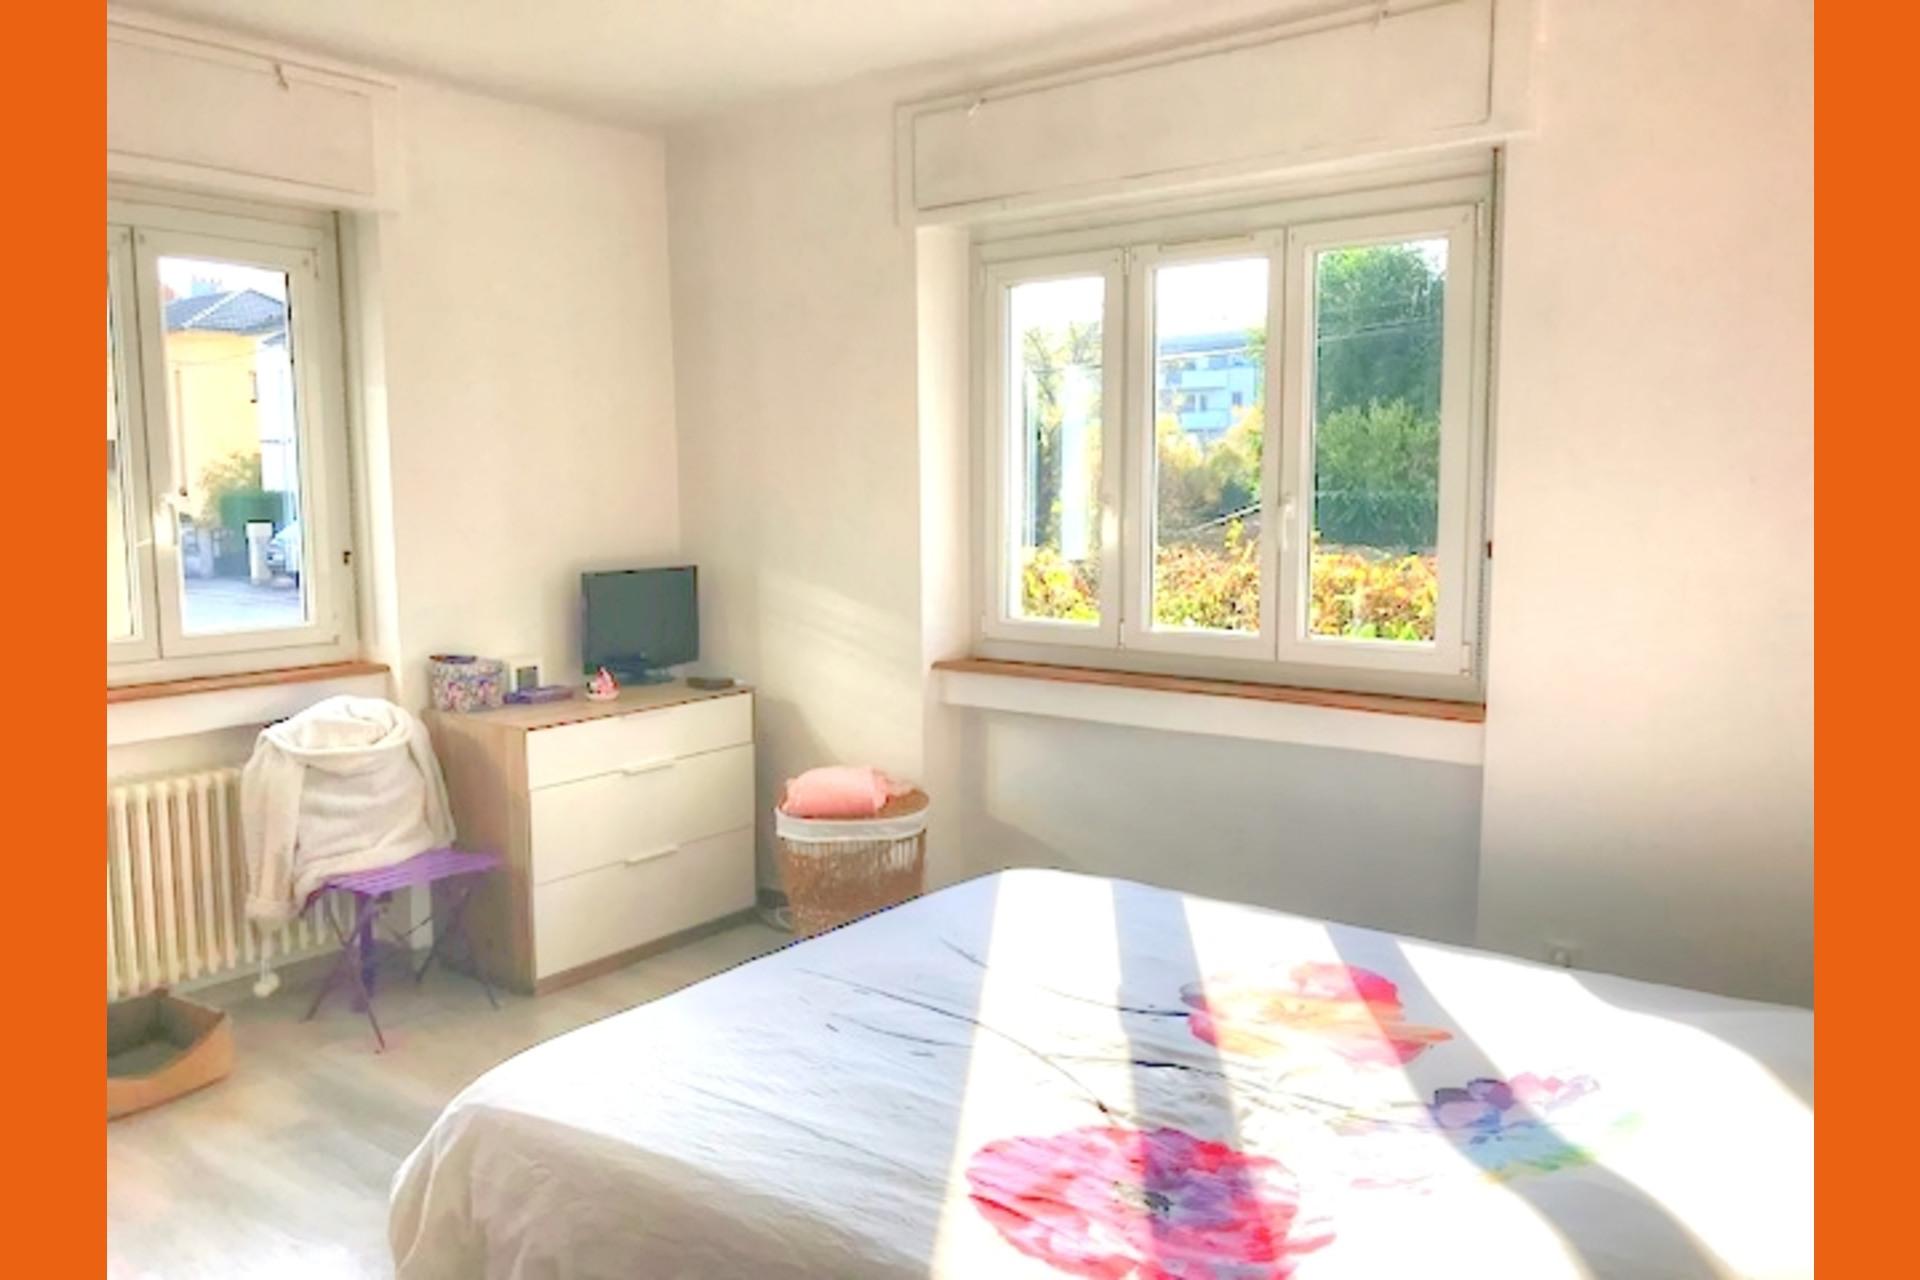 image 5 - Appartement À louer Montigny-lès-Metz